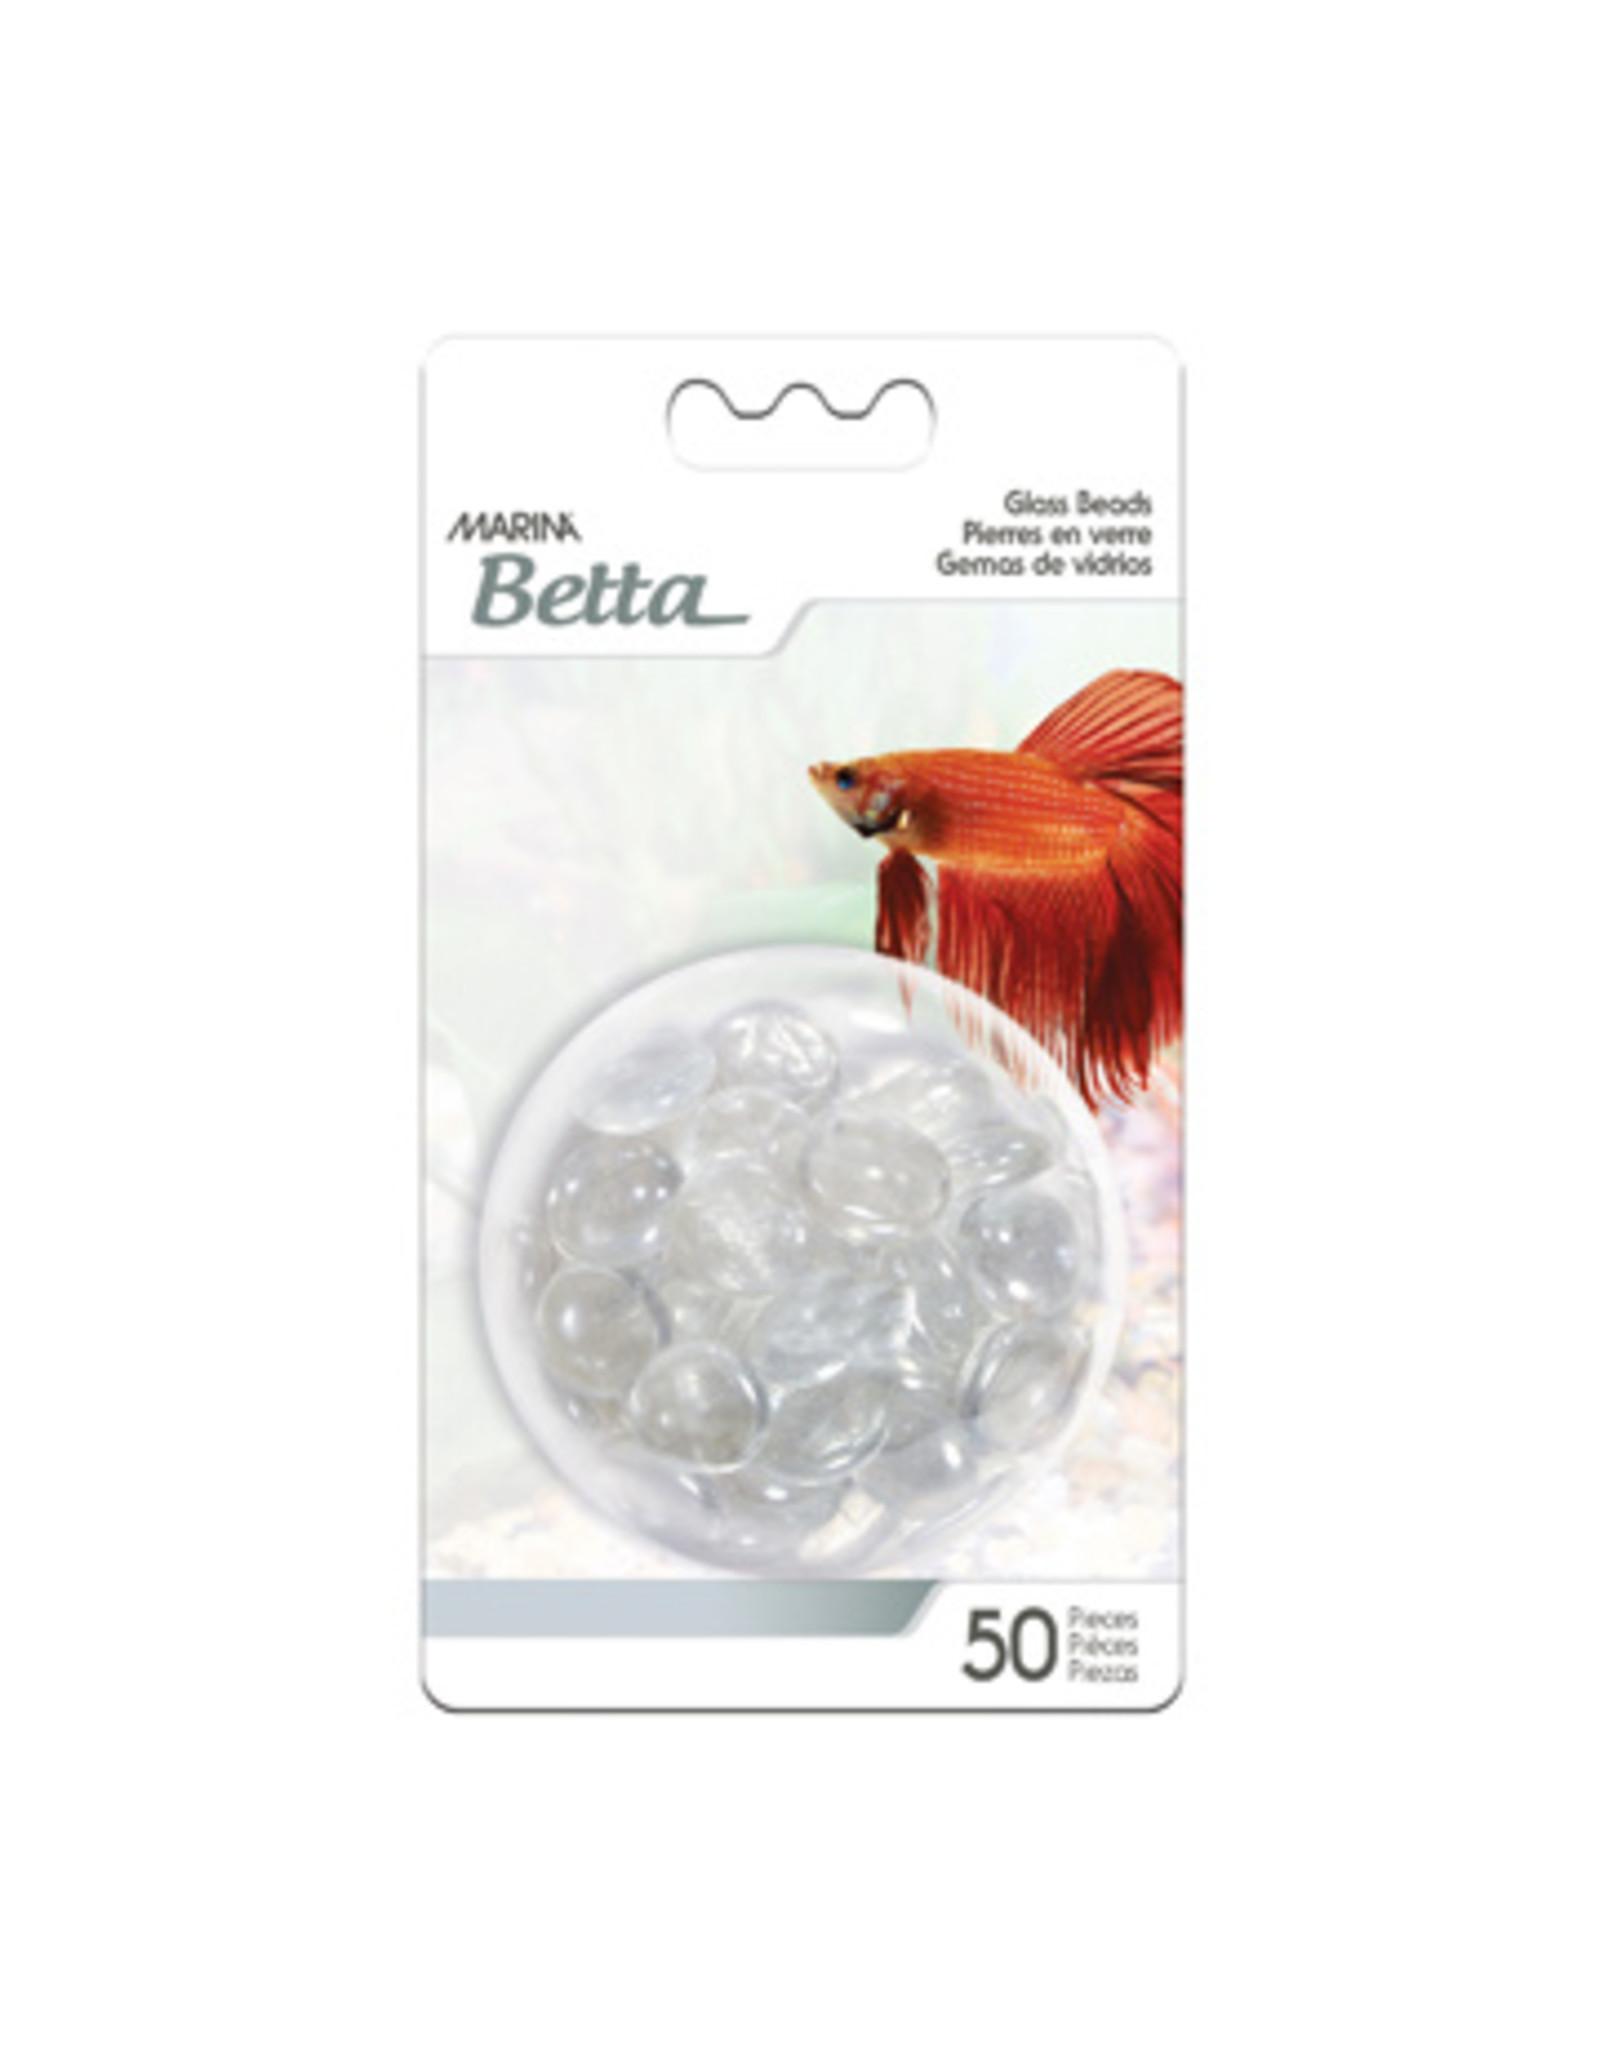 Marina MARINA Betta Decorative Marbles